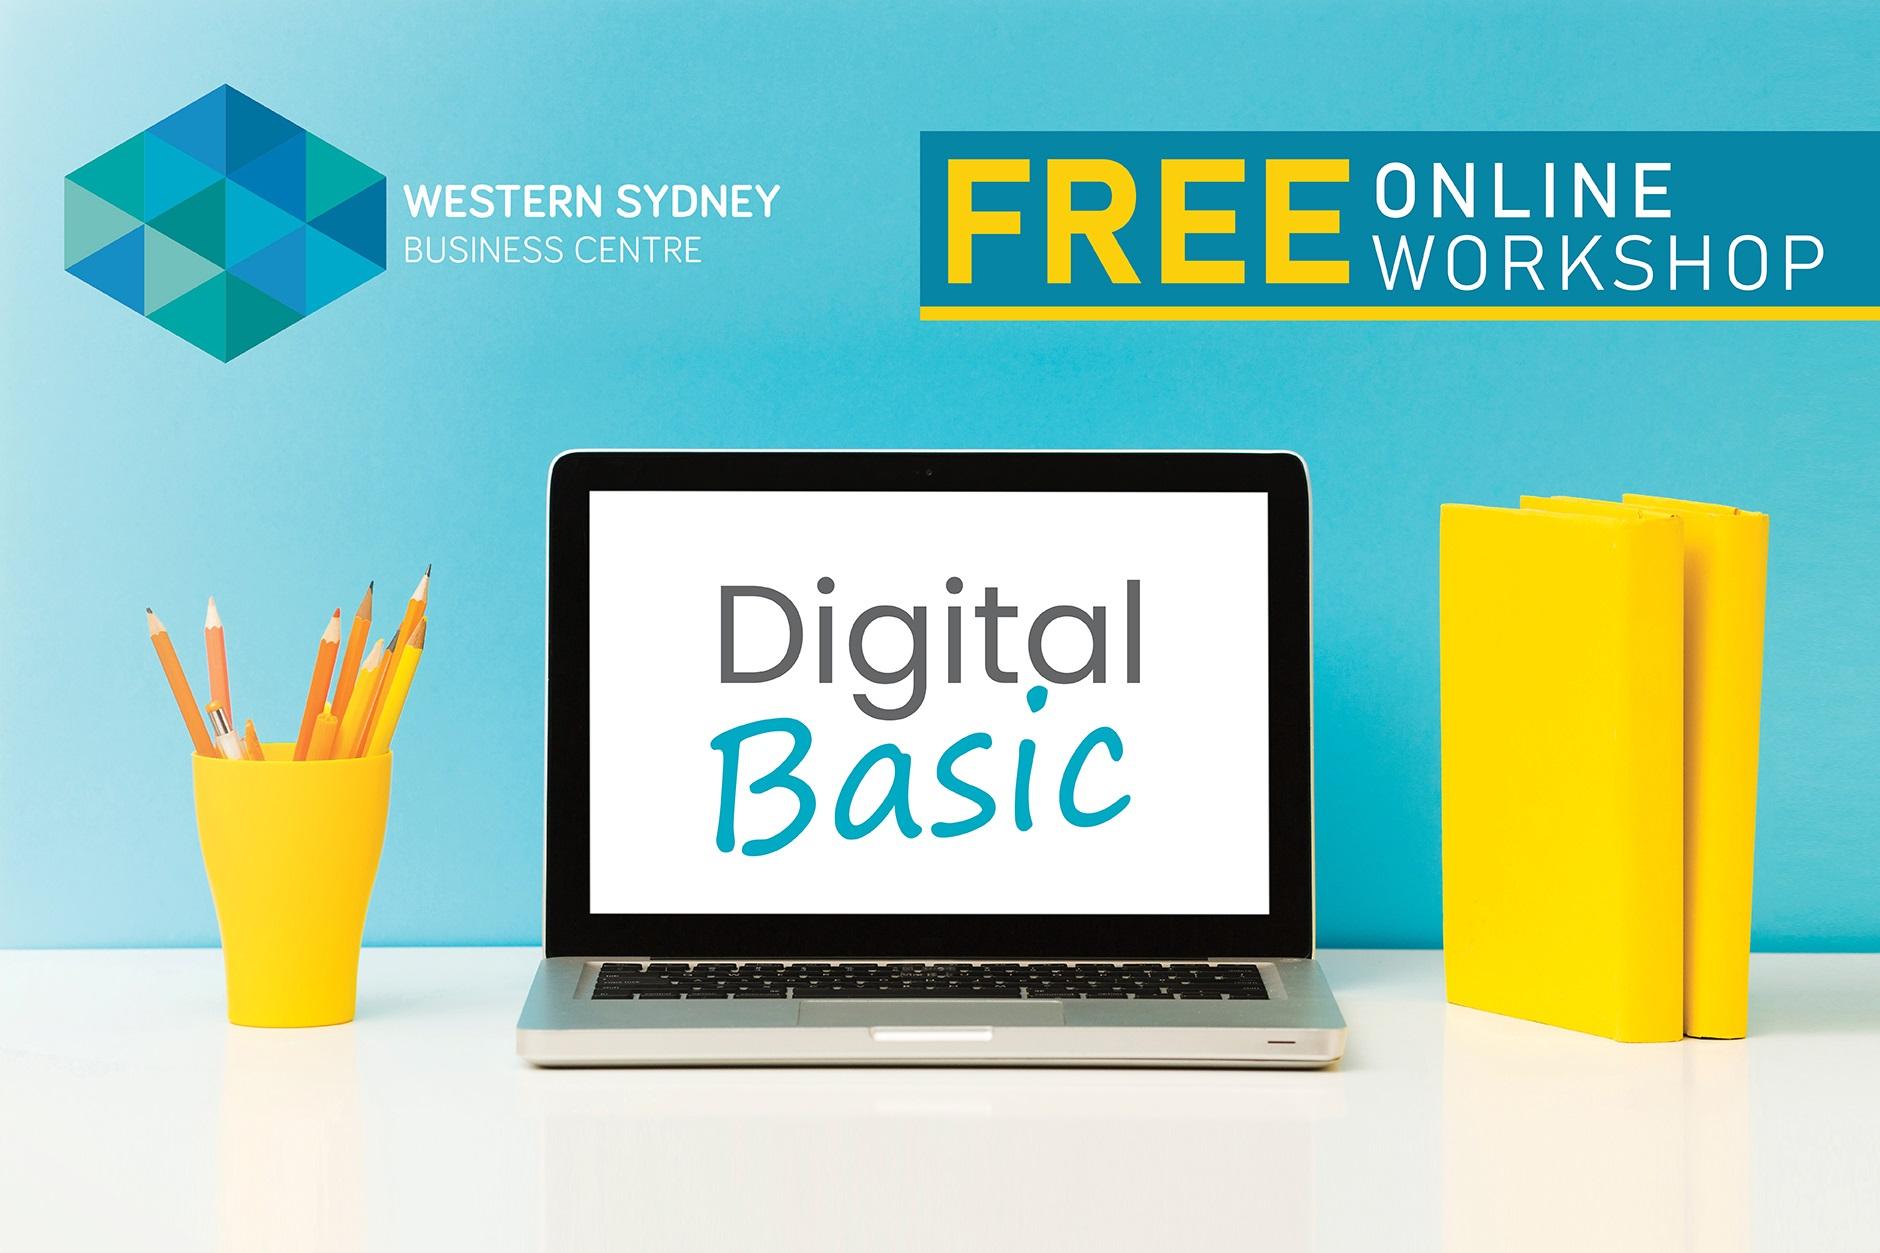 Digital Basic